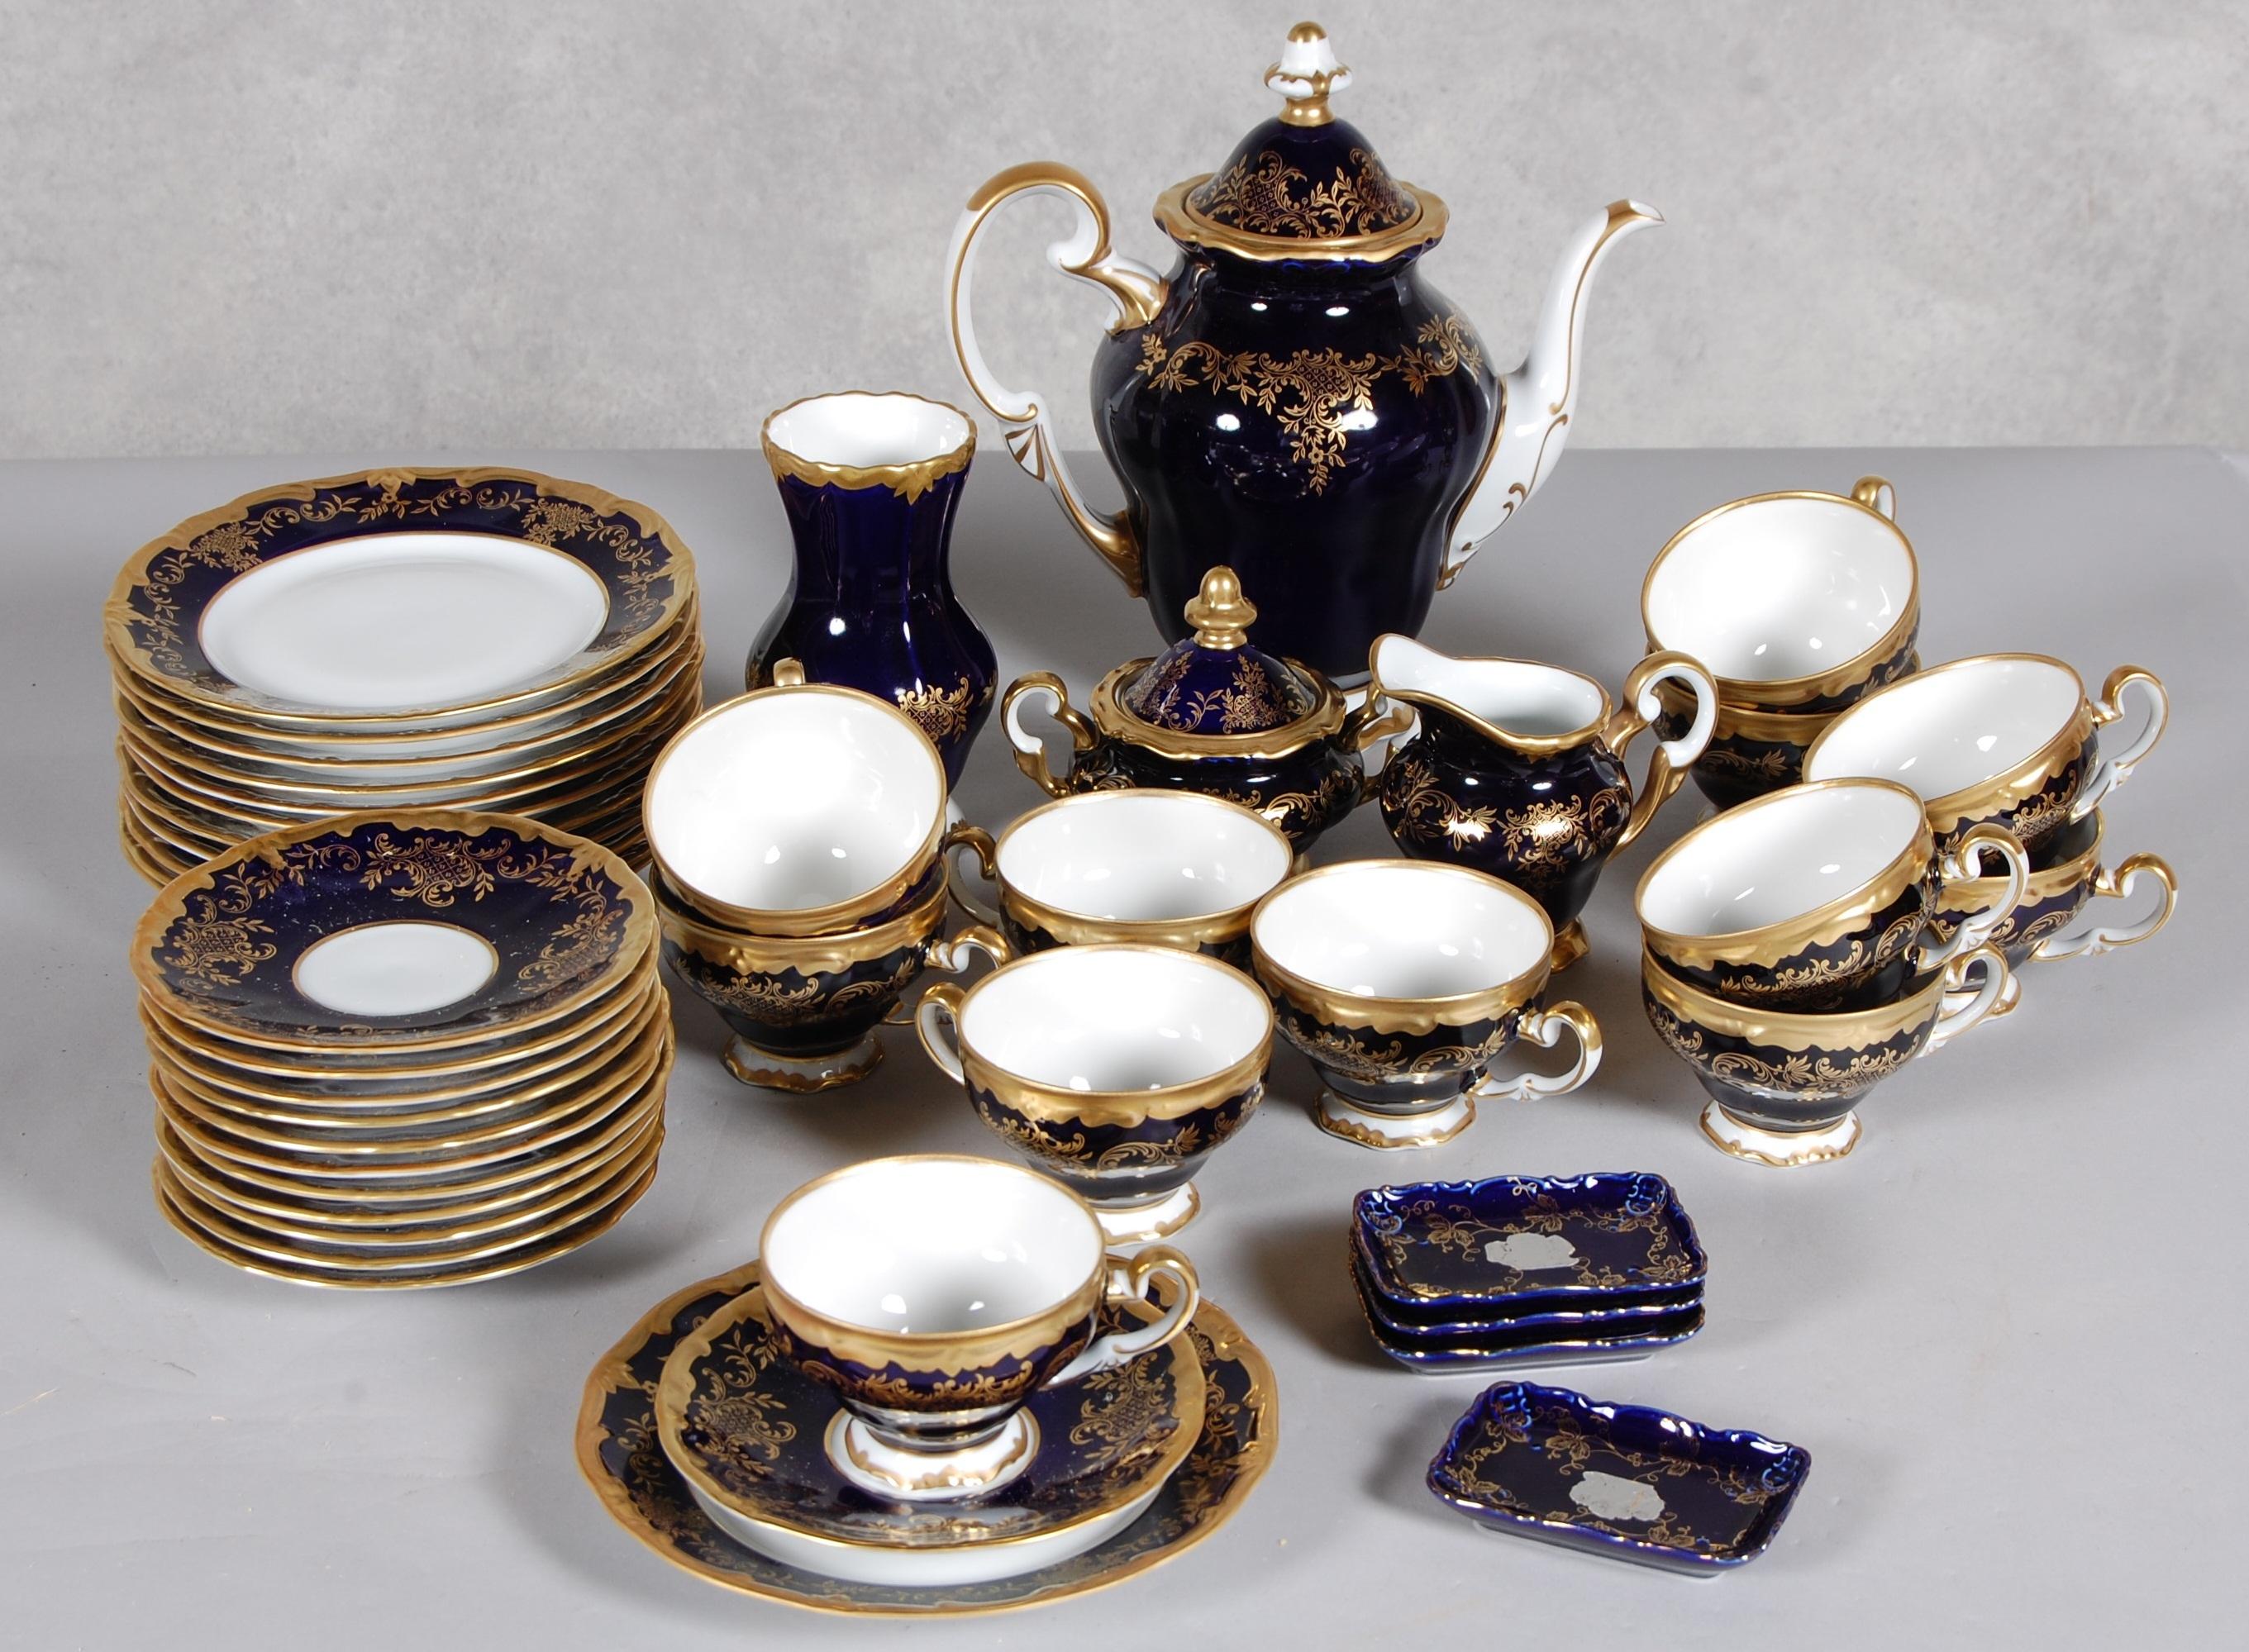 weimar porcelain ile ilgili görsel sonucu